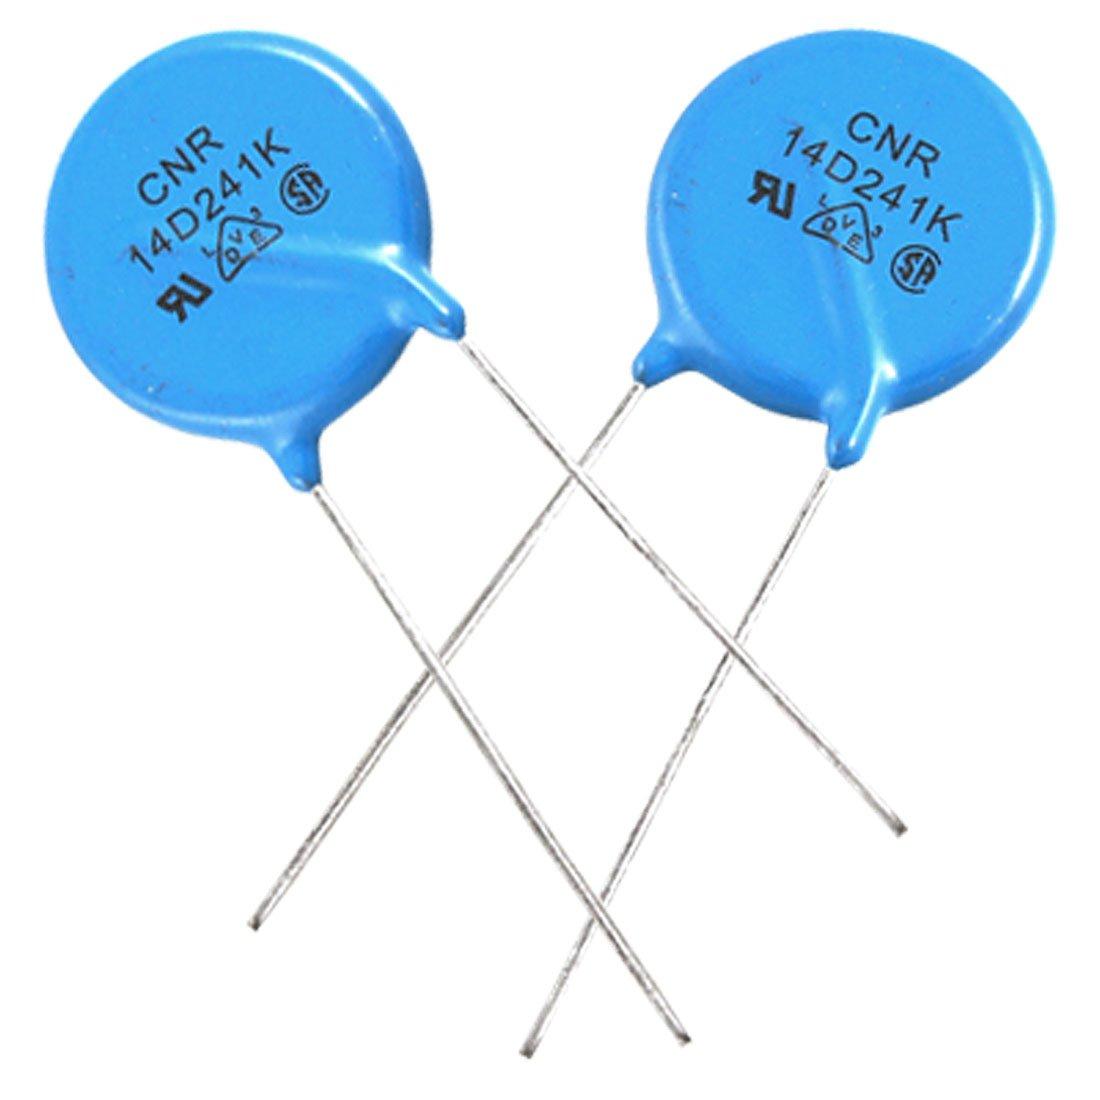 Aexit 10 x Fixed Resistors Radial Lead Disc Voltage Dependent Resistors Varistors AC Single Resistors 150V 14D241K